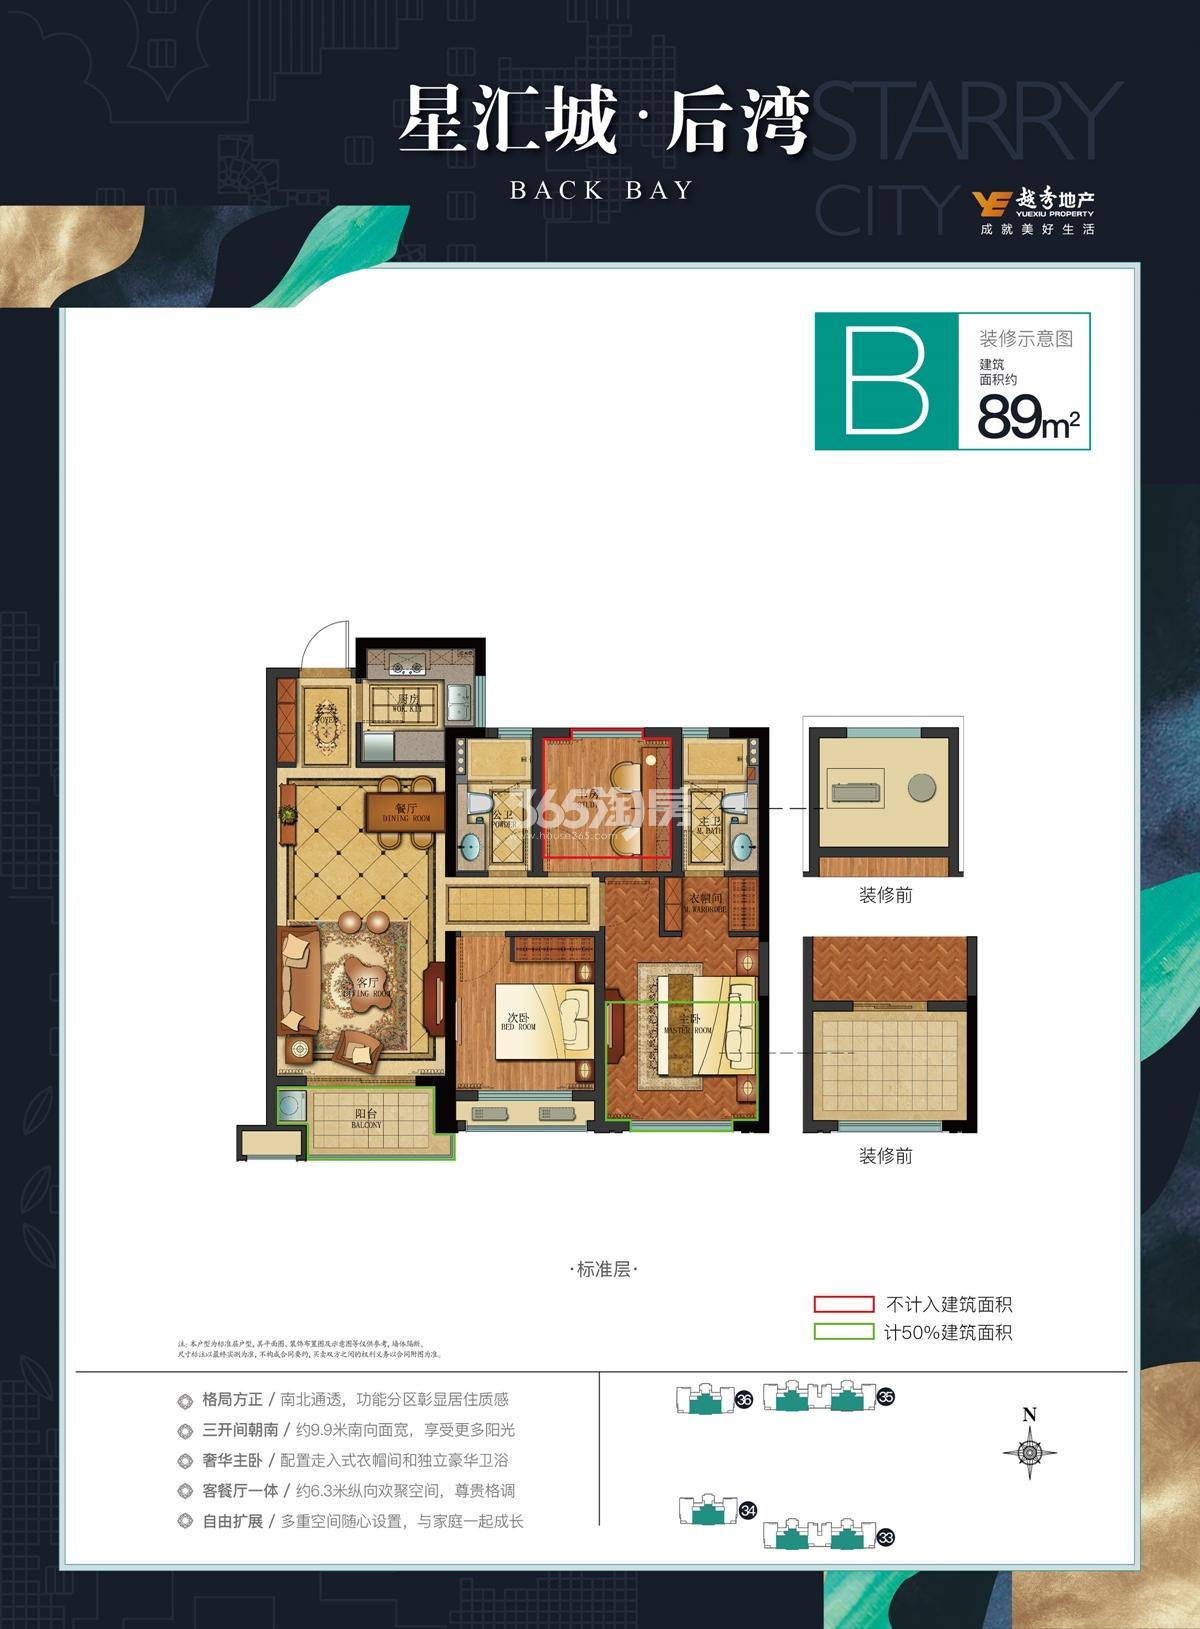 越秀星汇城F区后湾B户型89方(33-36#)